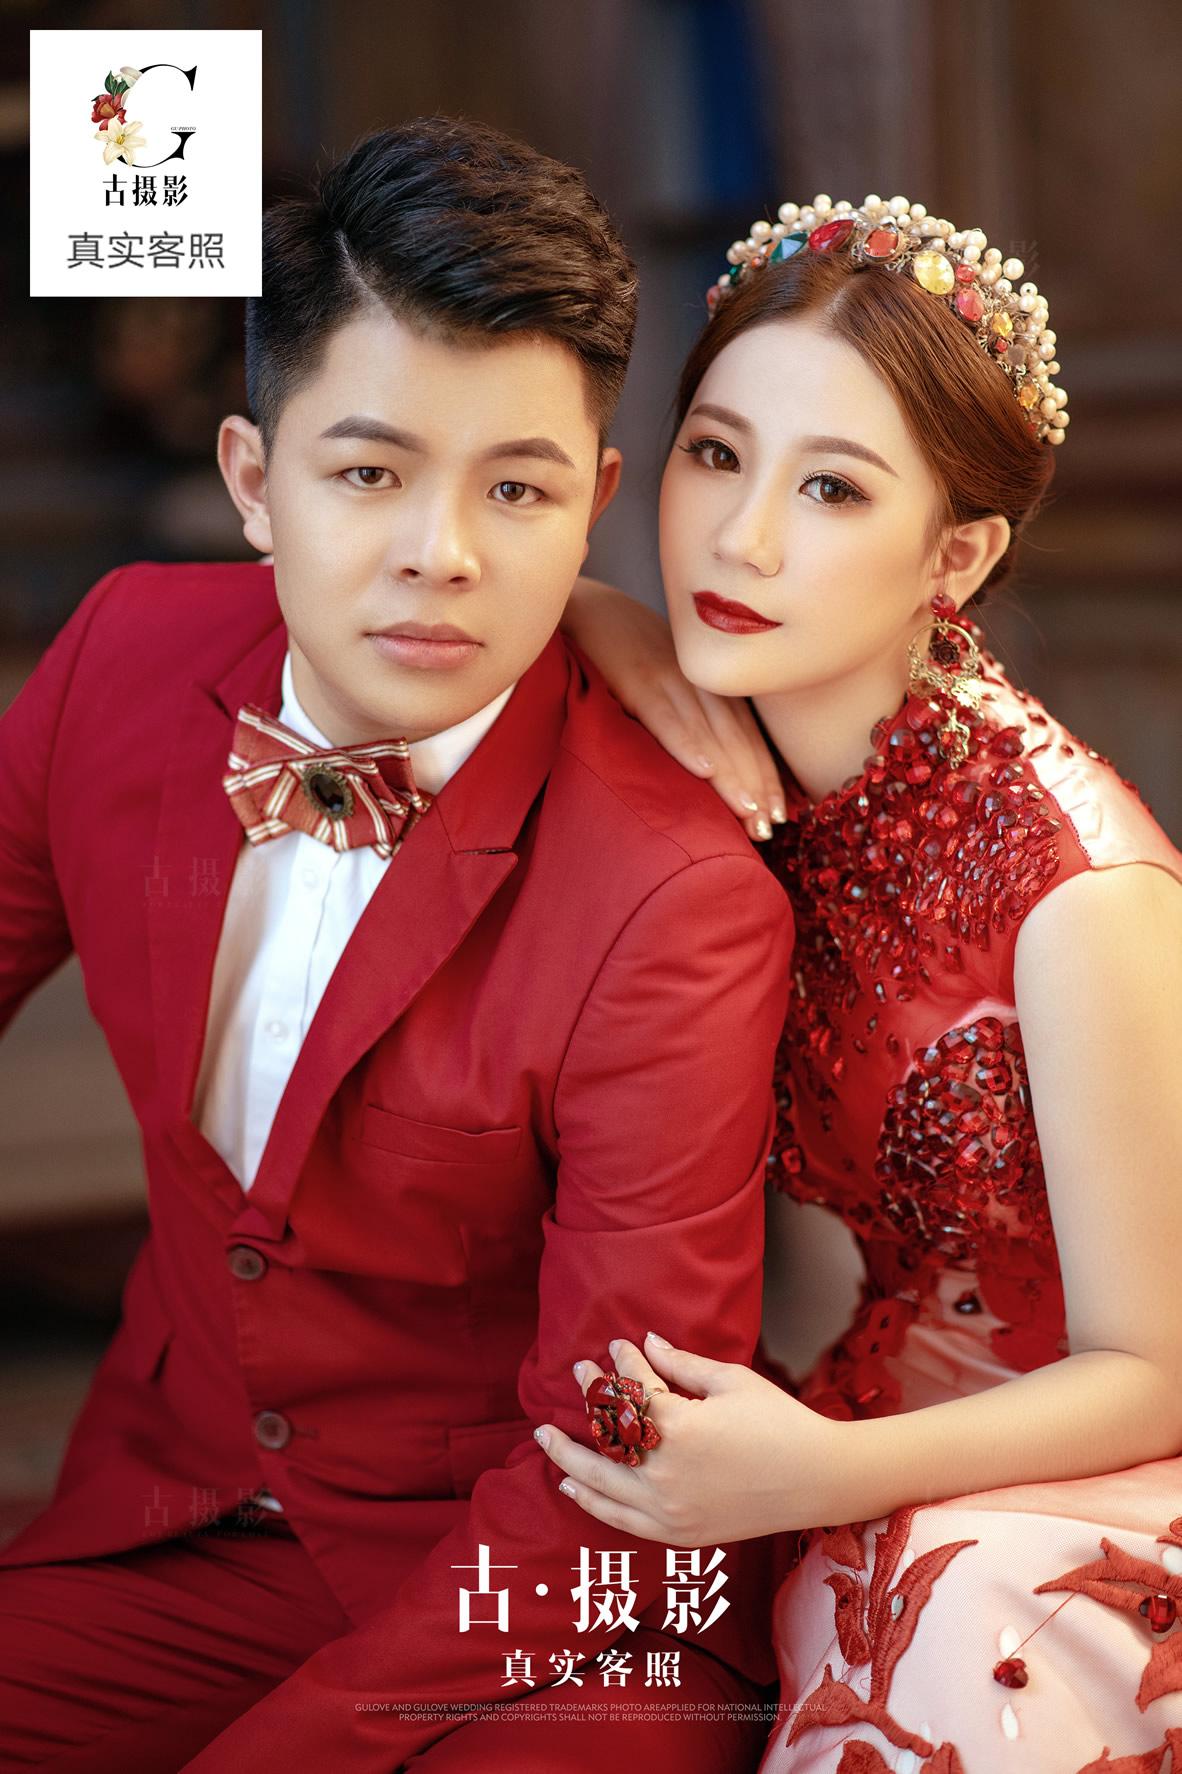 10月22日客片黄先生 辜小姐 - 每日客照 - 广州婚纱摄影-广州古摄影官网